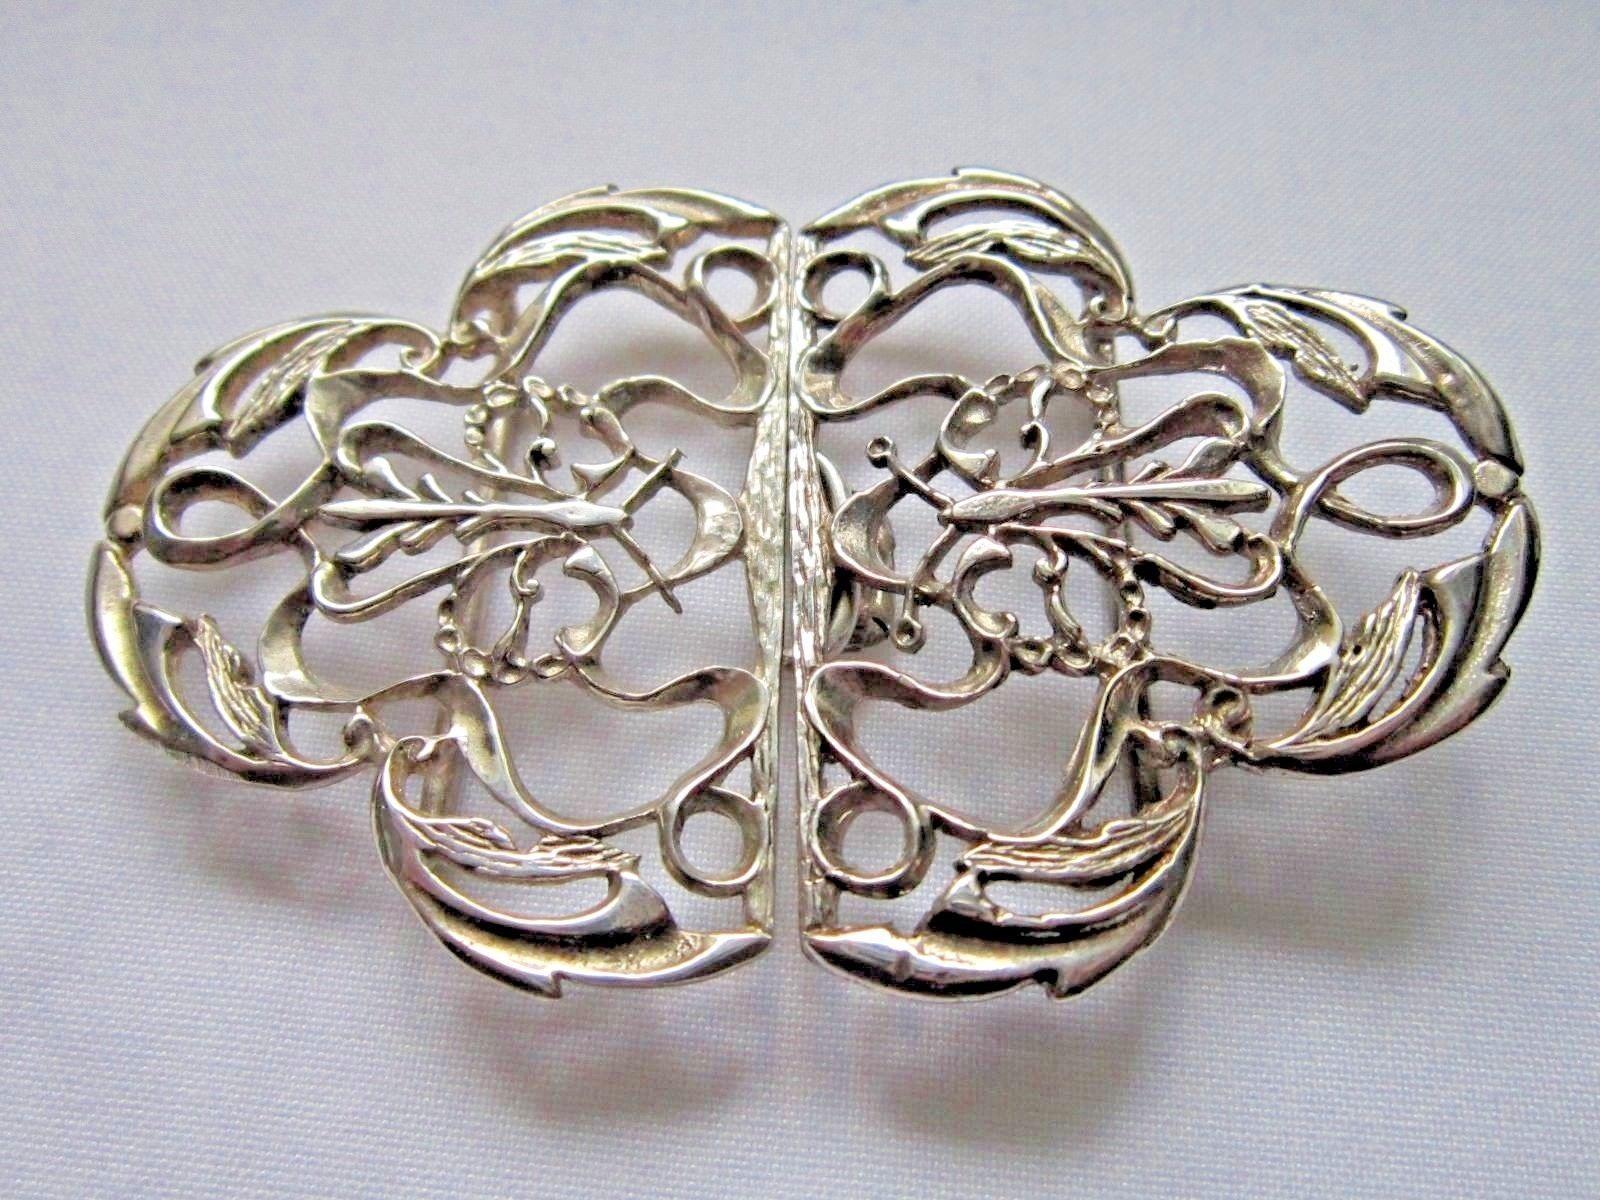 ff3551256 Vintage silver Art Nouveau style nurses buckle